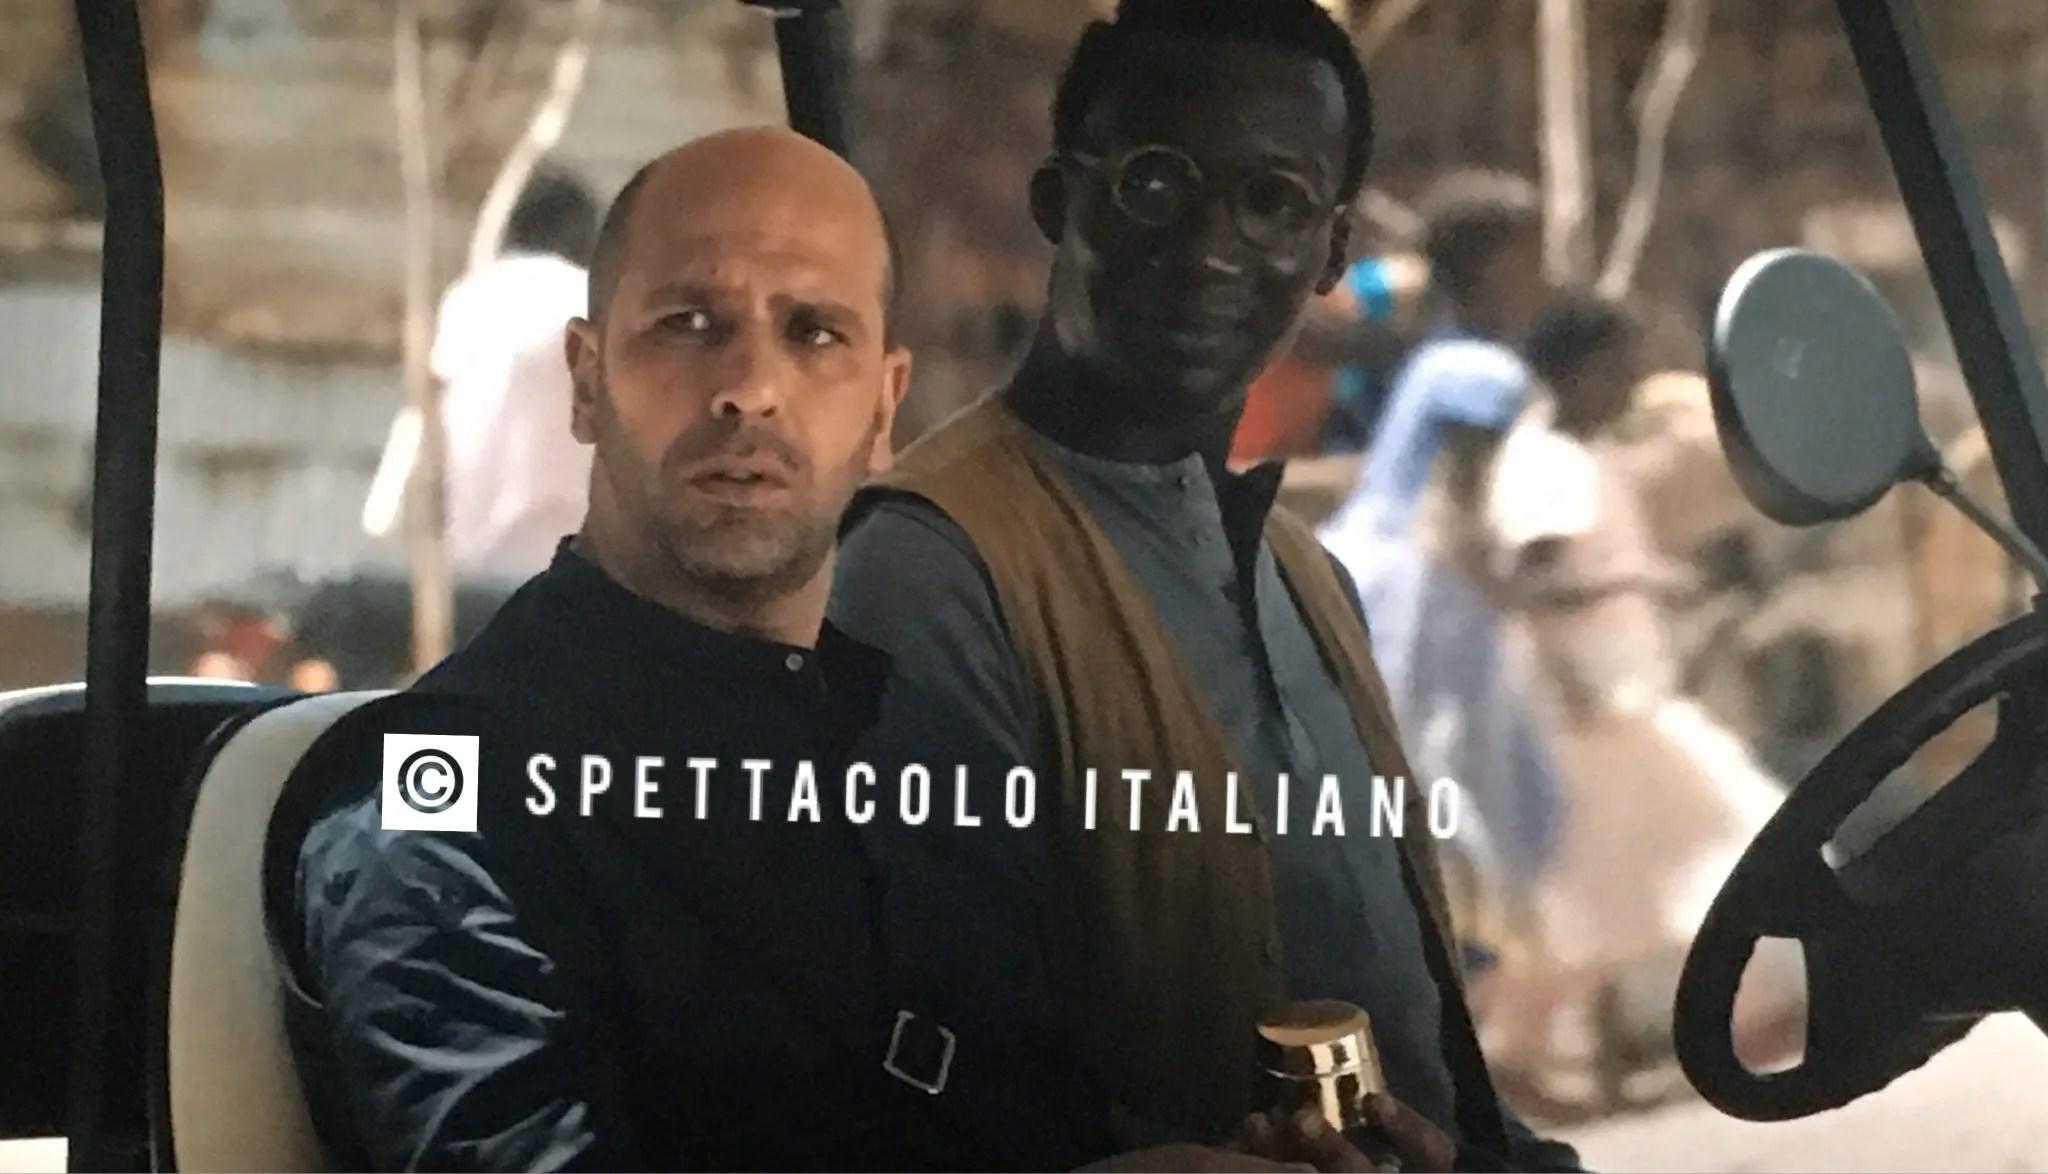 Tolo Tolo recensione di Alberto Fuschi. Checco Zalone e il suo nuovo Luca Medici tra risate e parodie contro il razzismo (foto spoiler)